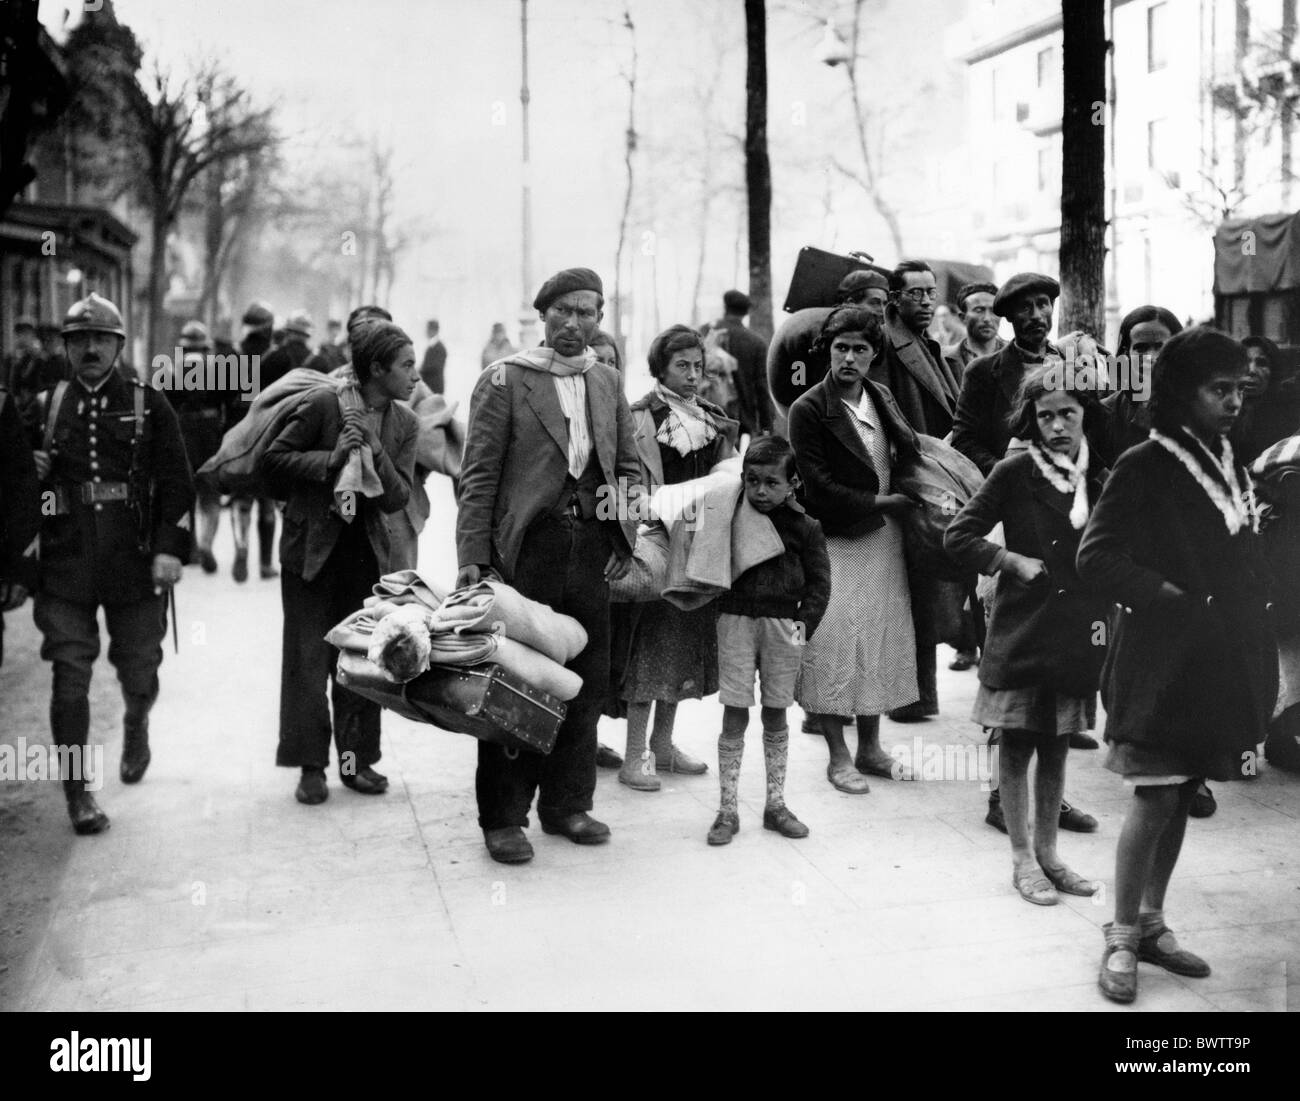 Espagne L'Europe des réfugiés de la guerre civile espagnole Histoire Historique Historique de Luchon Photo Stock